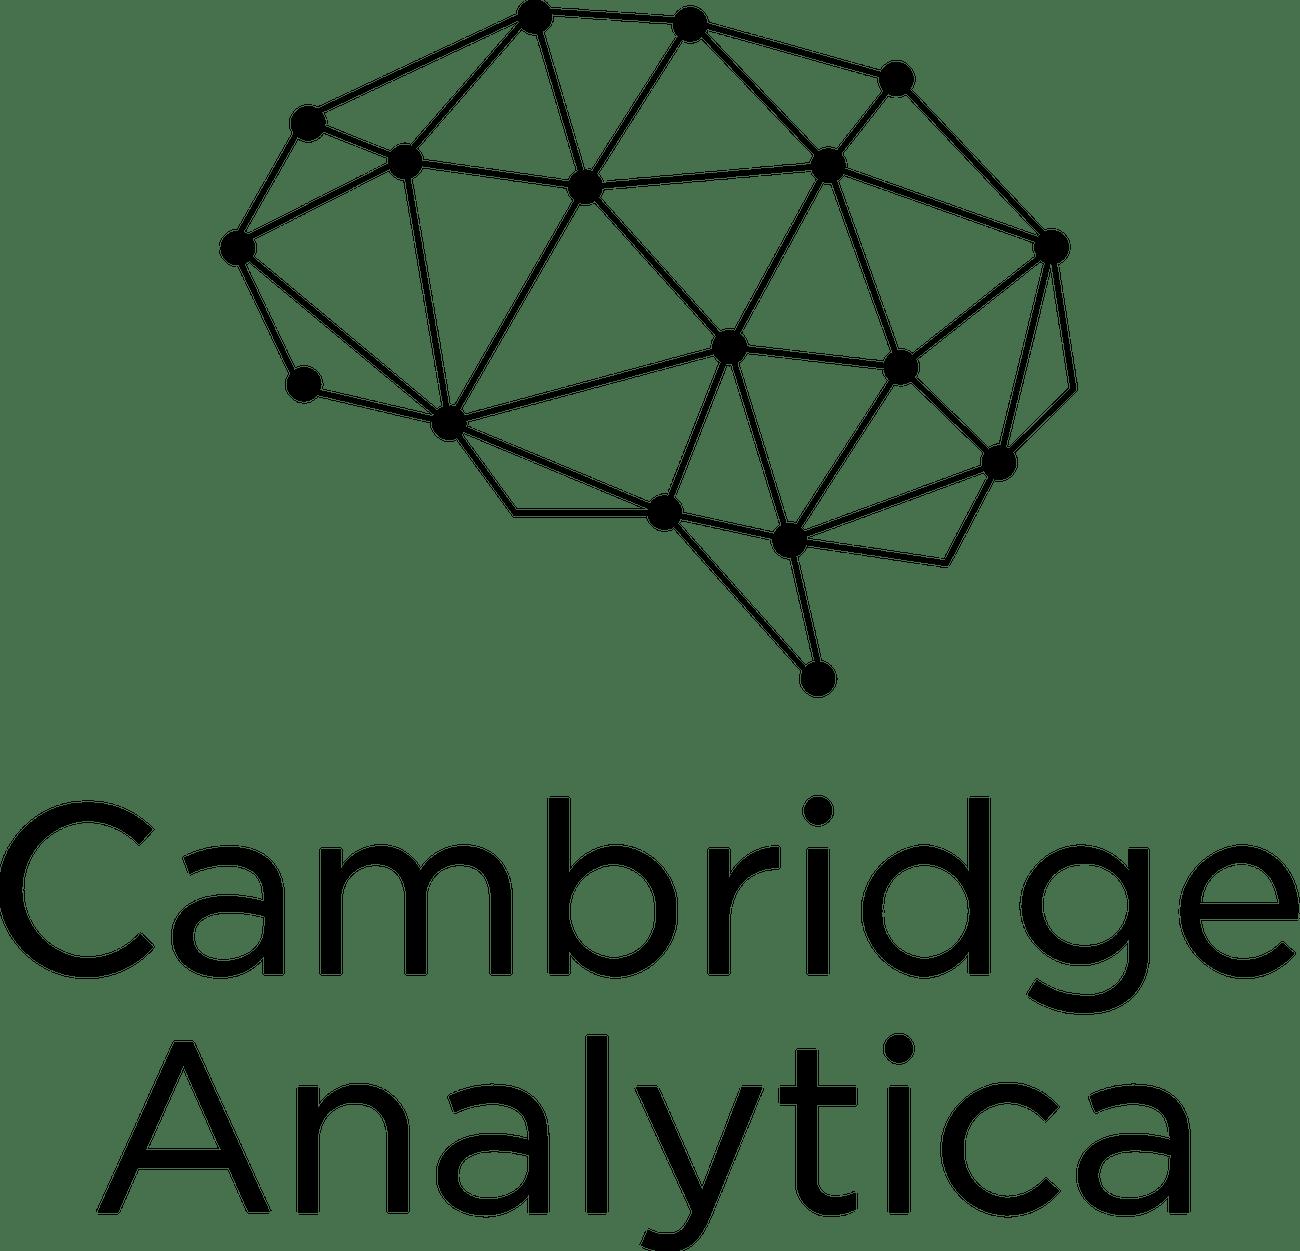 Cambridge Analytica's logo